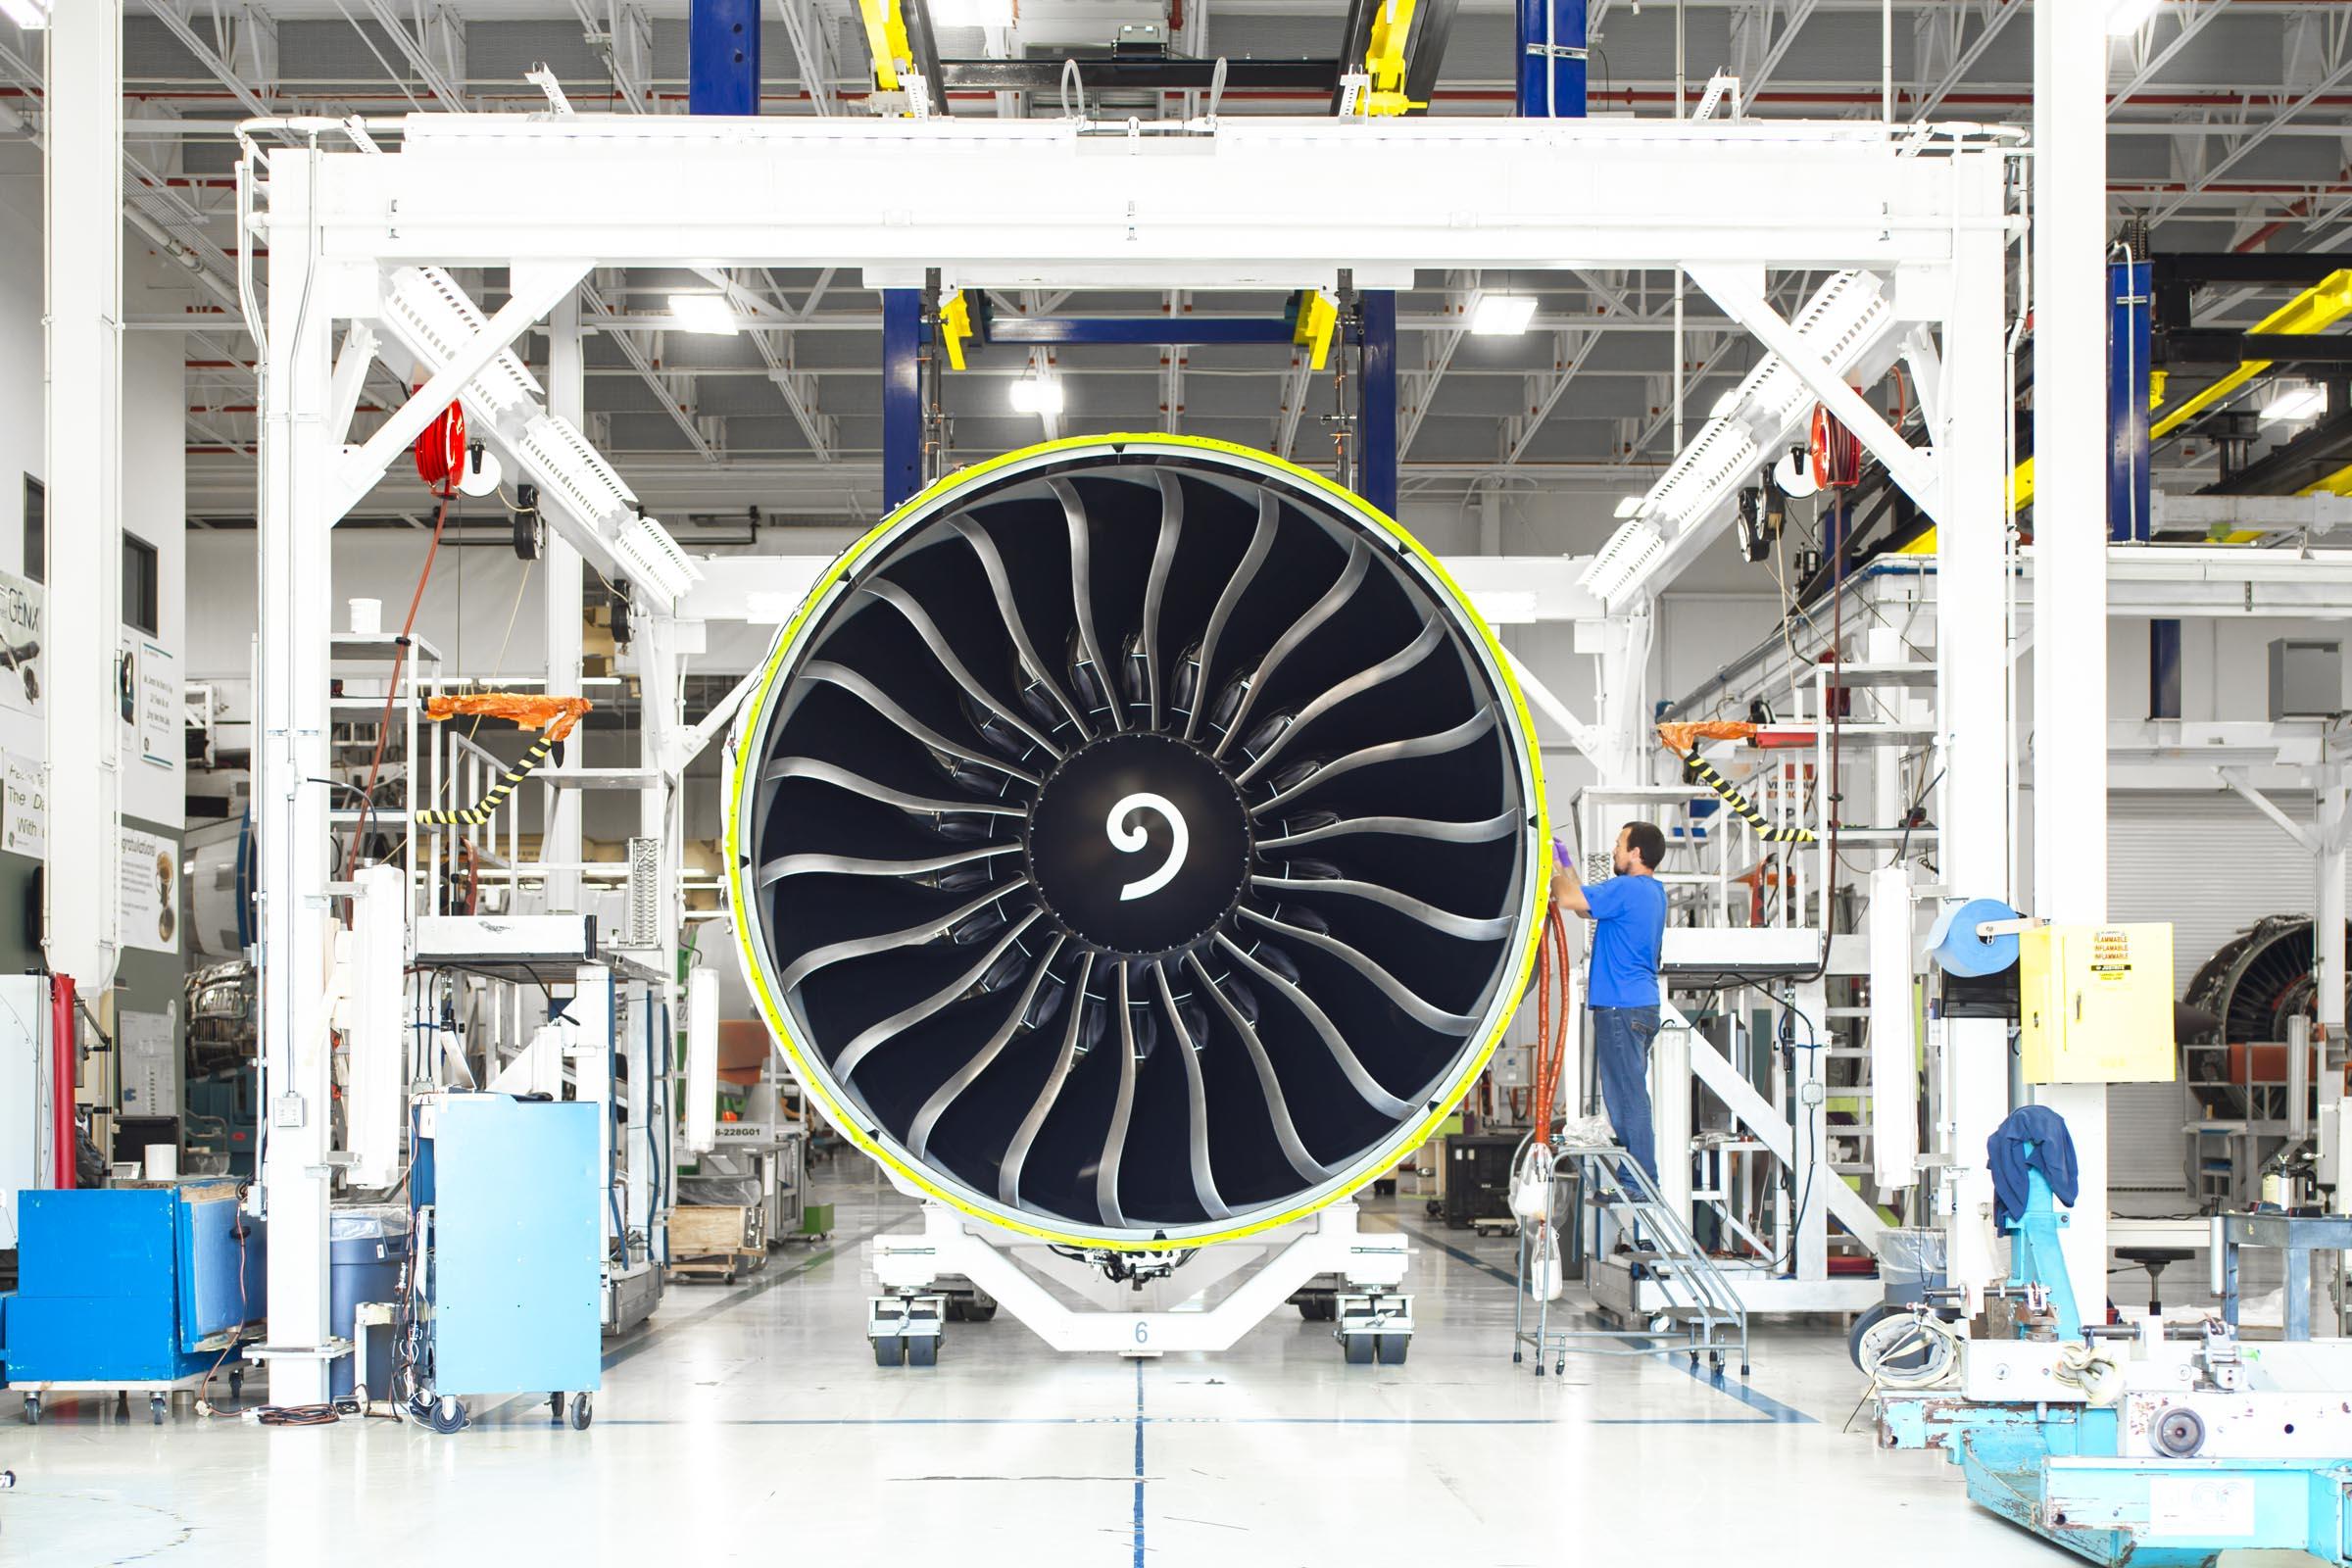 GE 90 jet engine, Peebles MRO, Peebles, OH